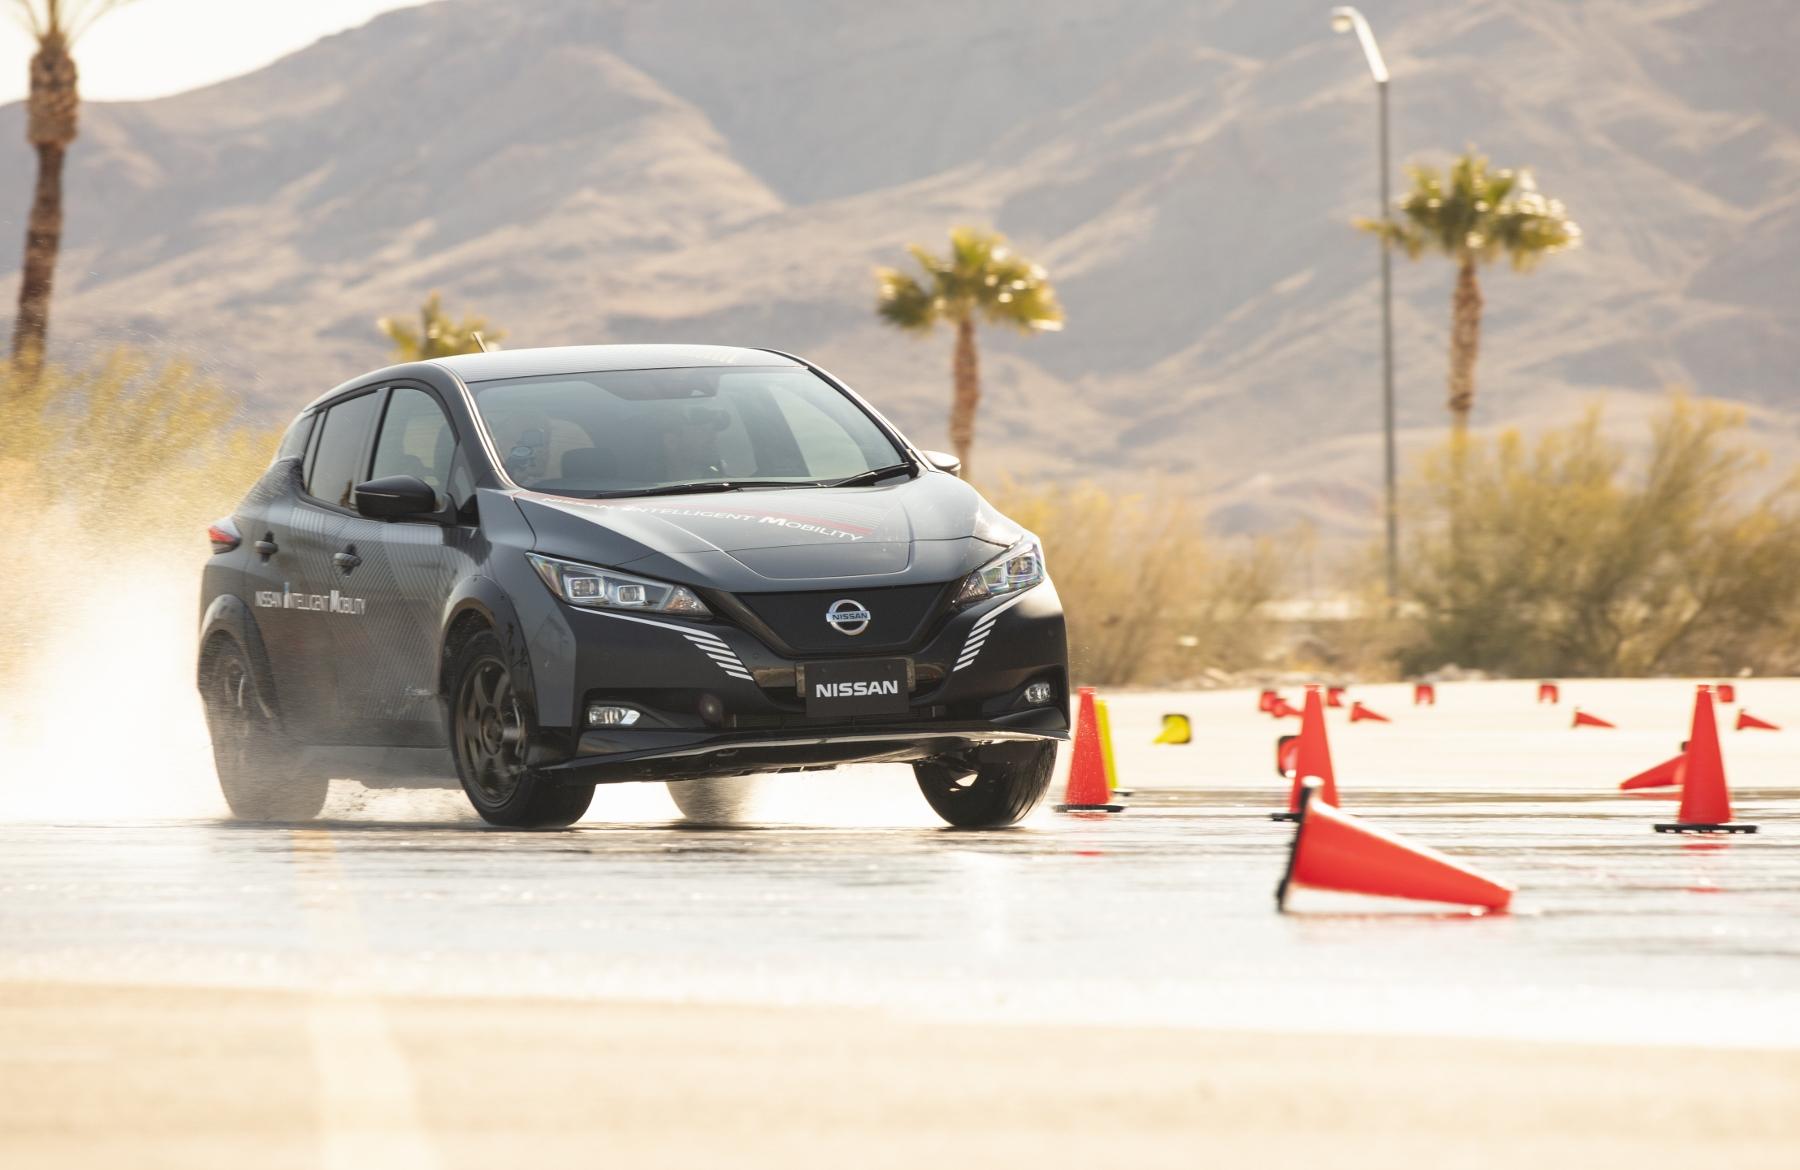 Nissan prichádza s revolučným elektrickým pohonom všetkých kolies fRARG3drtA nissan-leaf-prototyp-13